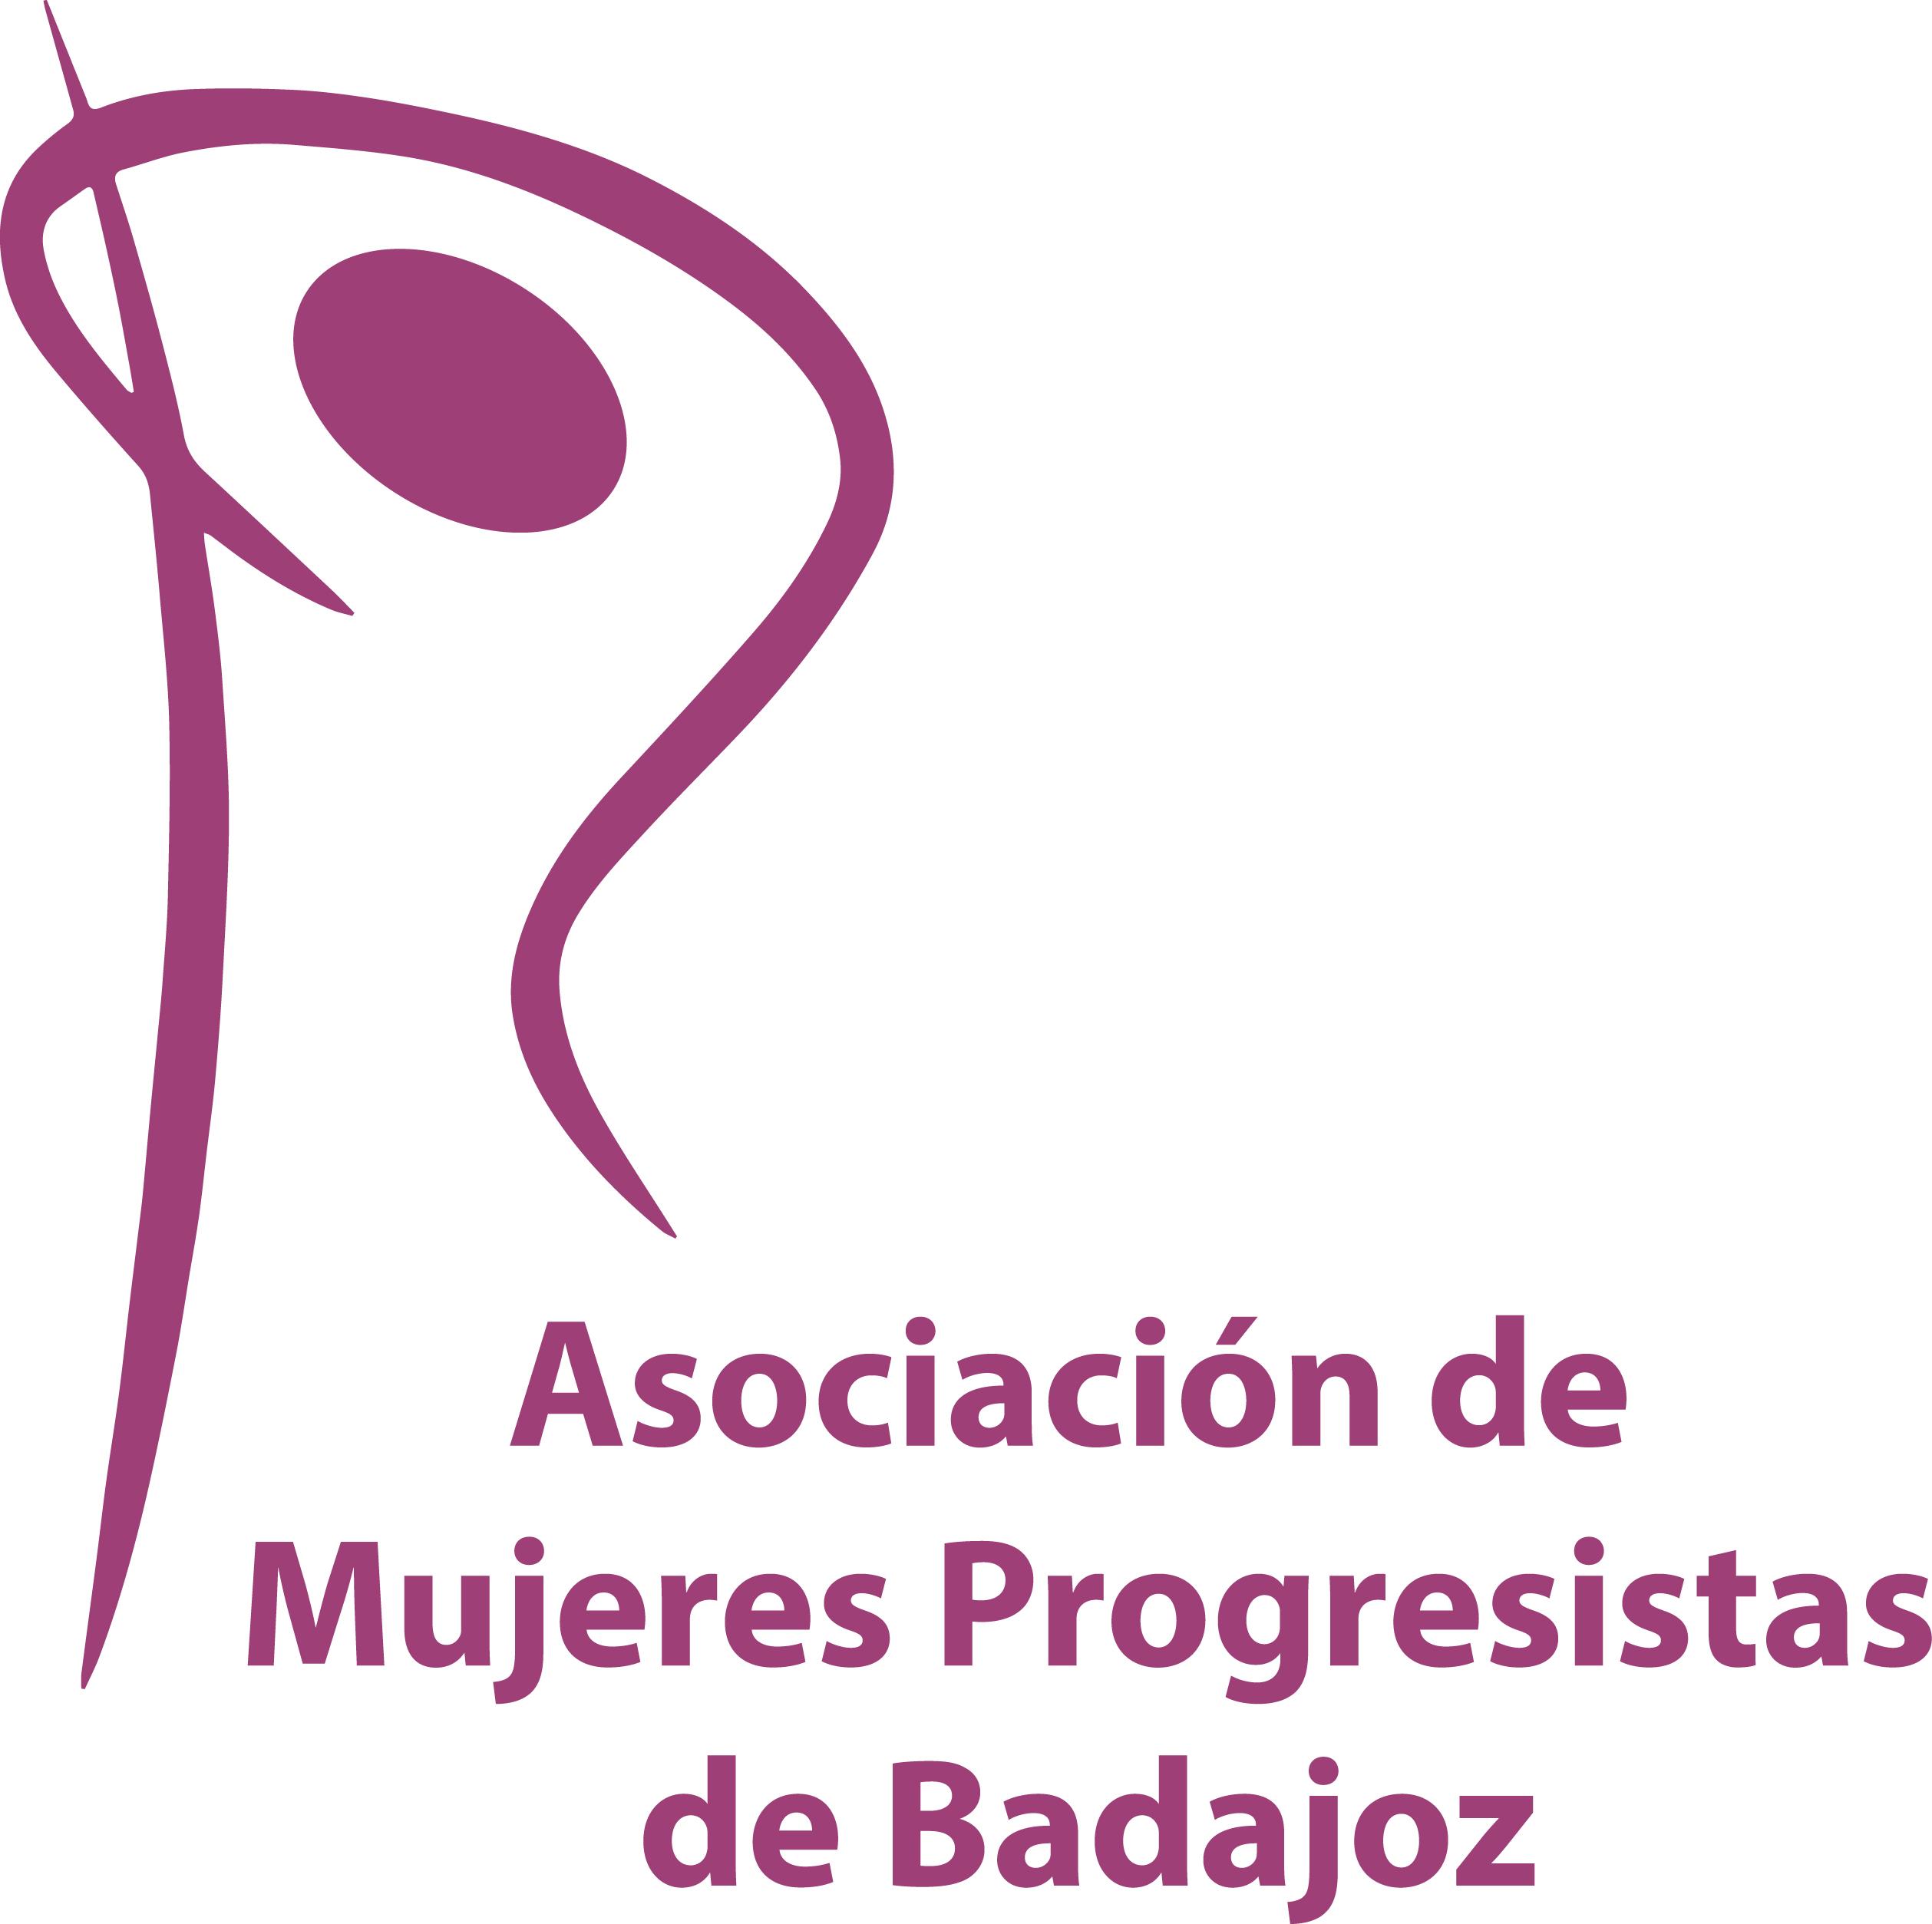 Asociación de Mujeres Progresistas de Badajoz